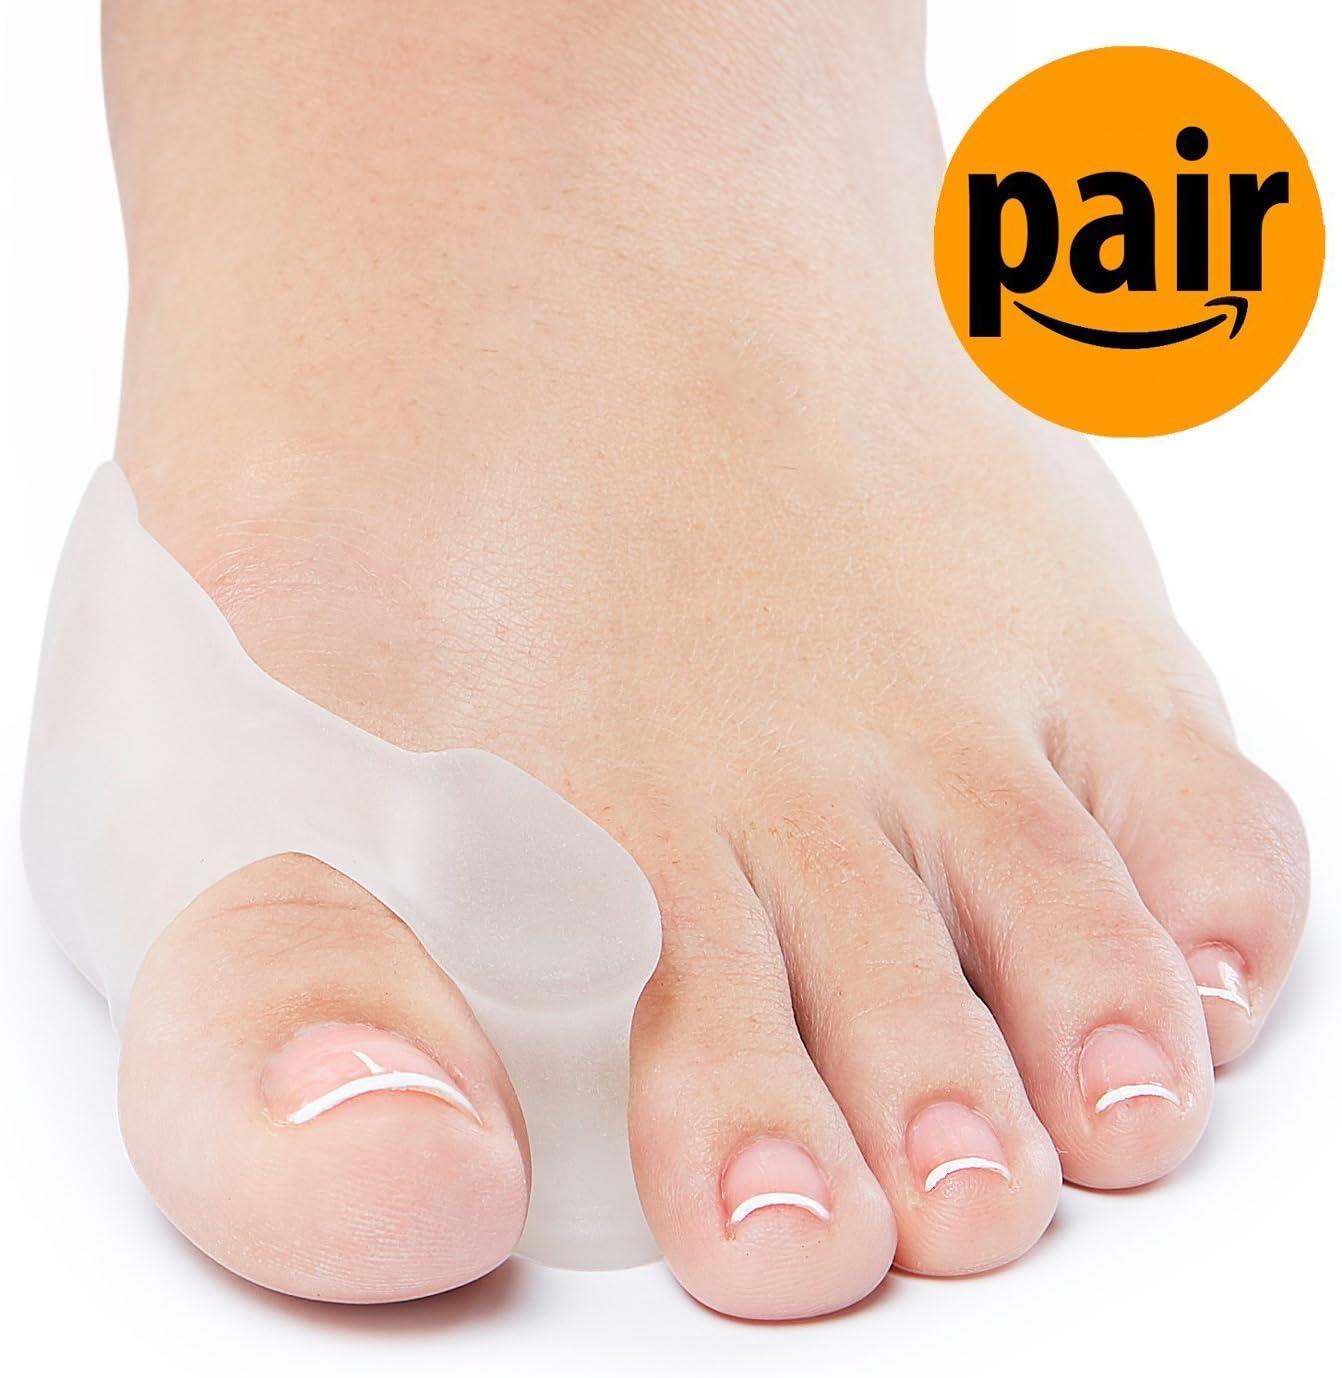 Alsyiqi - Kit de protectores de dedos de gel para dedos de los pies, corrector de dedos de los pies grandes, separador de pies, tratamiento del dolor en los válvulas Hallux, articulación